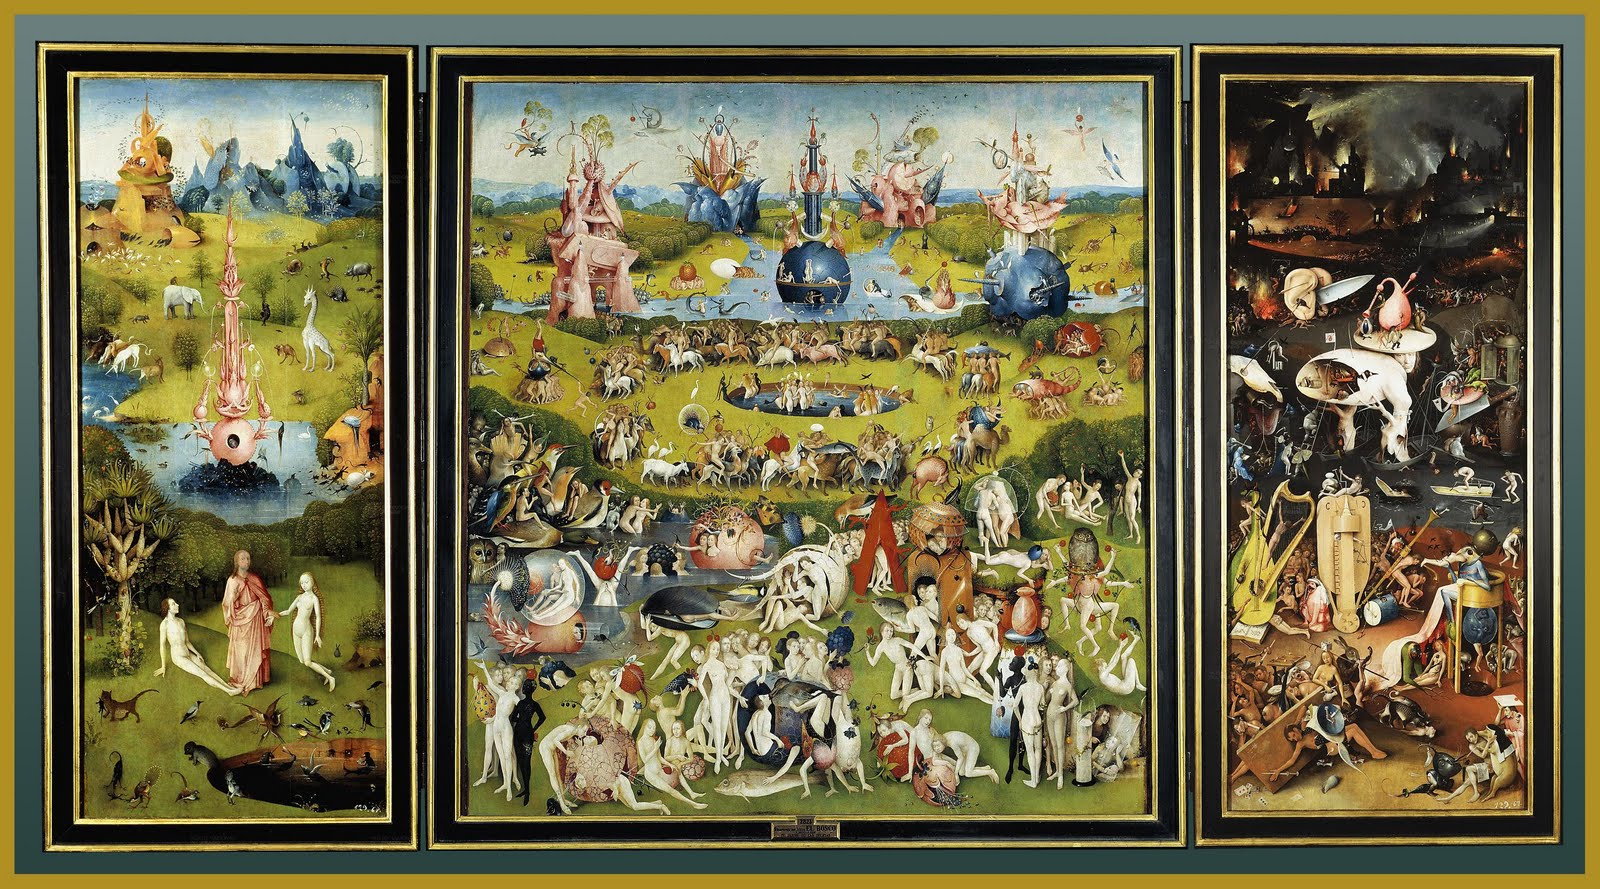 Historia del arte aldapeta el jard n de las delicias el for Jardin de las delicias zamora